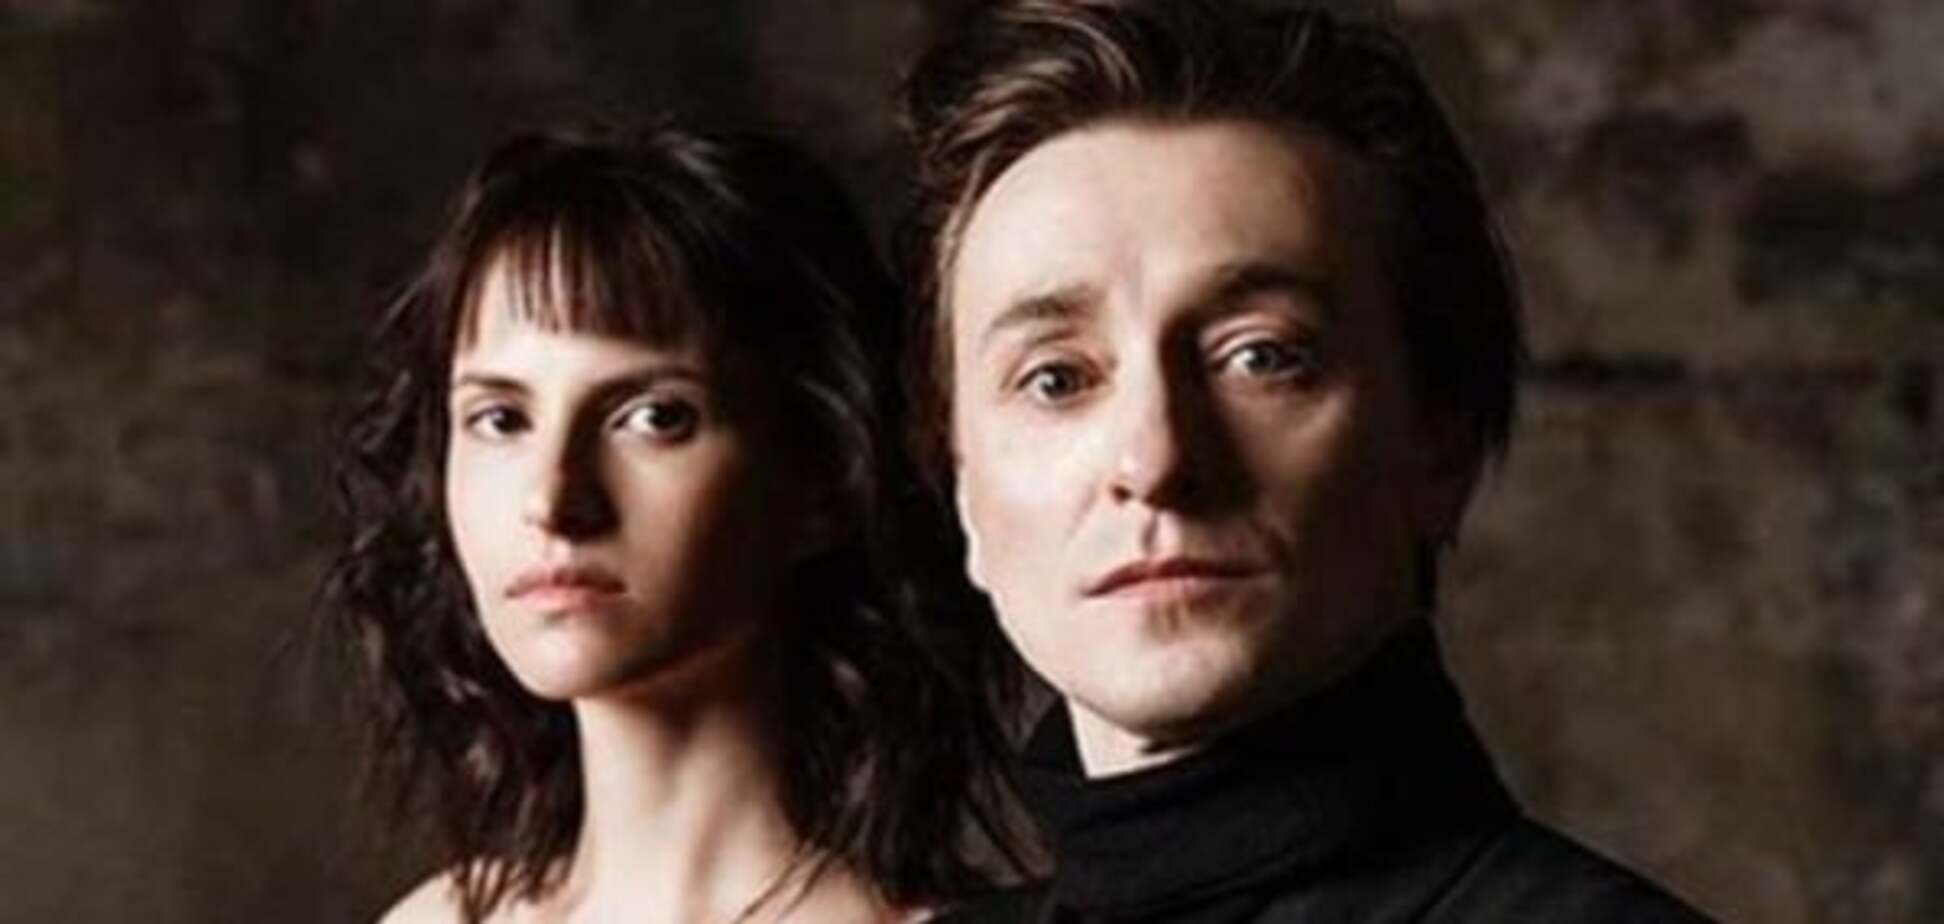 Безруков показал чувства к новой возлюбленной в романтической фотосессии